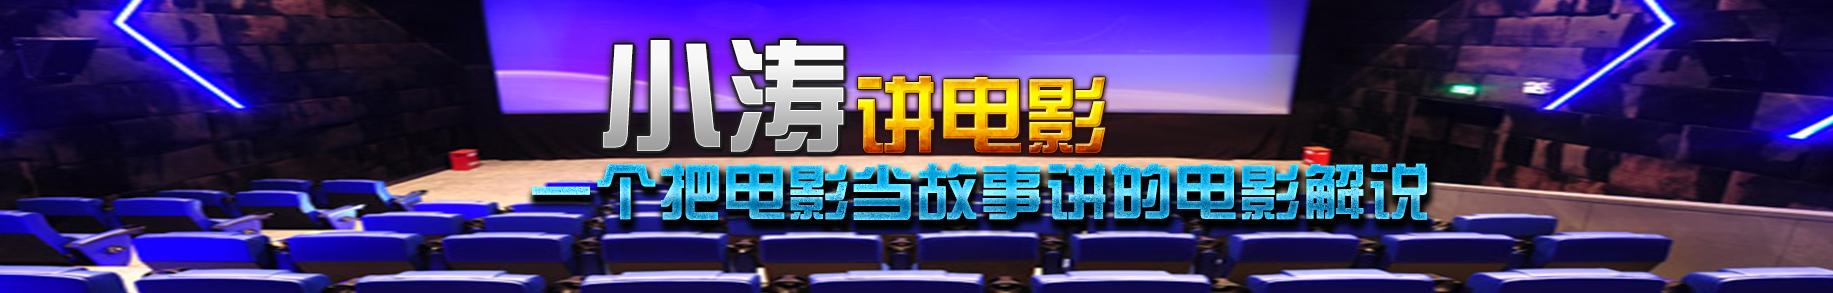 小涛讲电影 banner